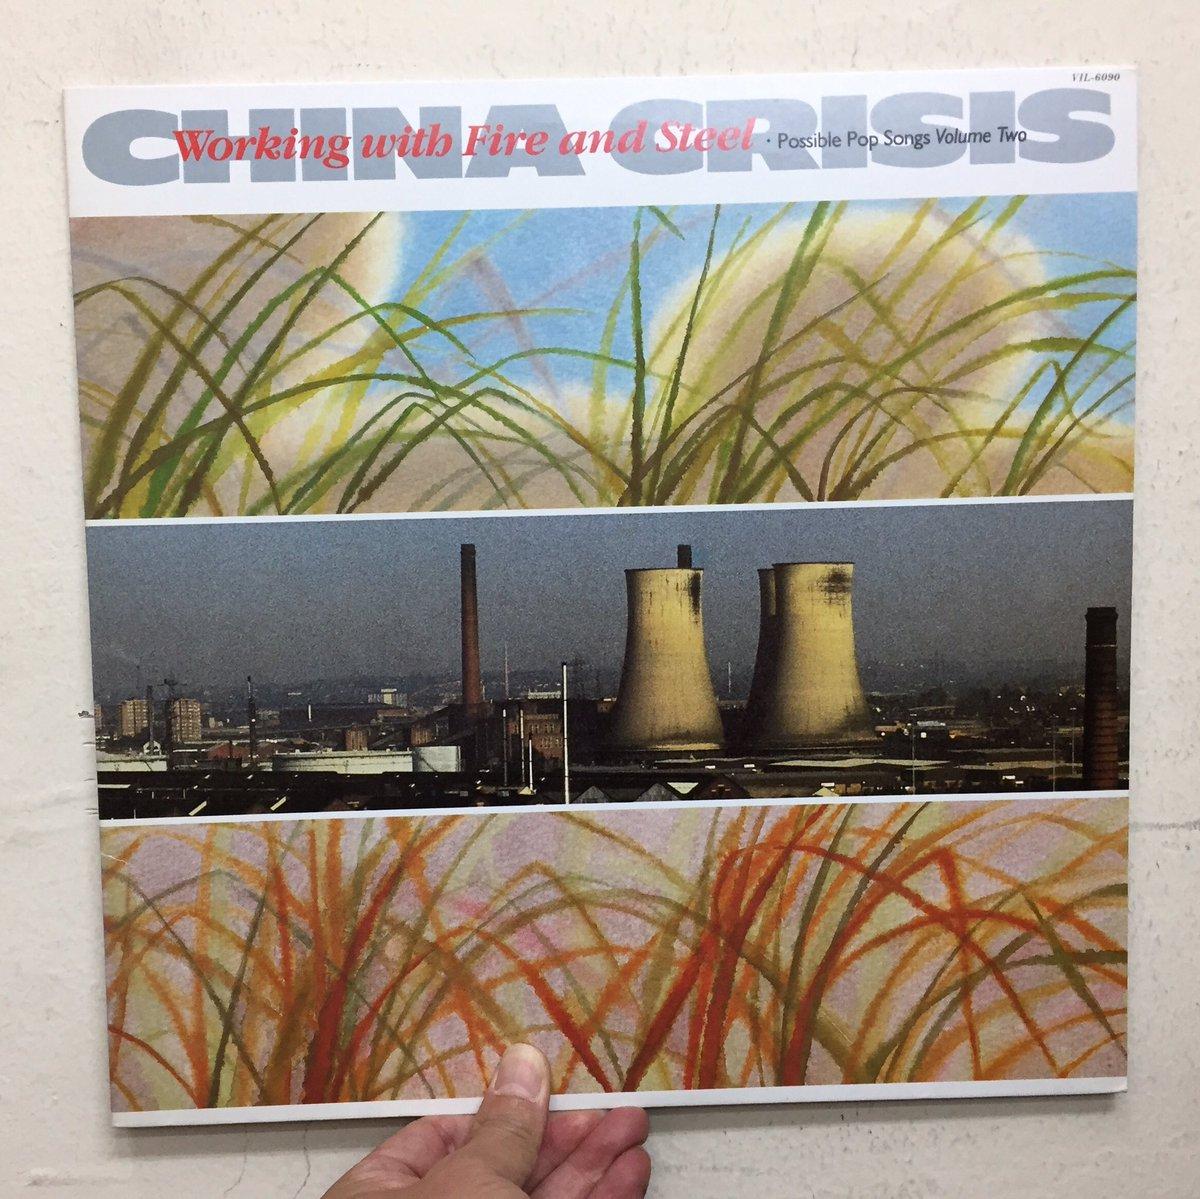 【今日の原発ジャケ】今日10月26日は原子力の日なんだそうで、リバプール出身のネオアコバンド、チャイナ・クライシスの'8